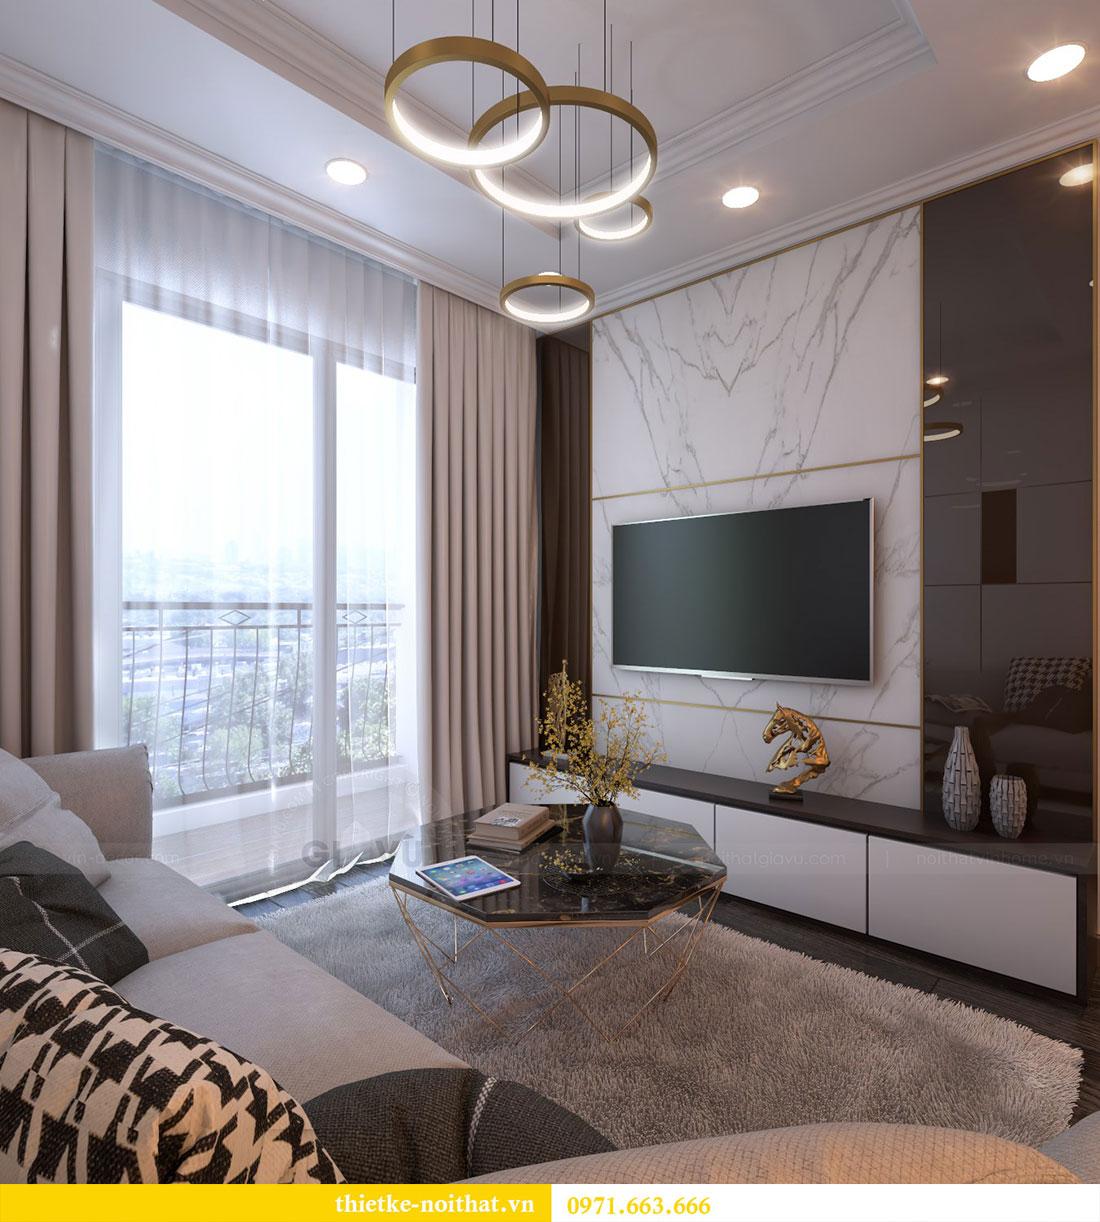 Thiết kế nội thất chung cư Gardenia căn 12A tòa A1 - Anh Hùng 2